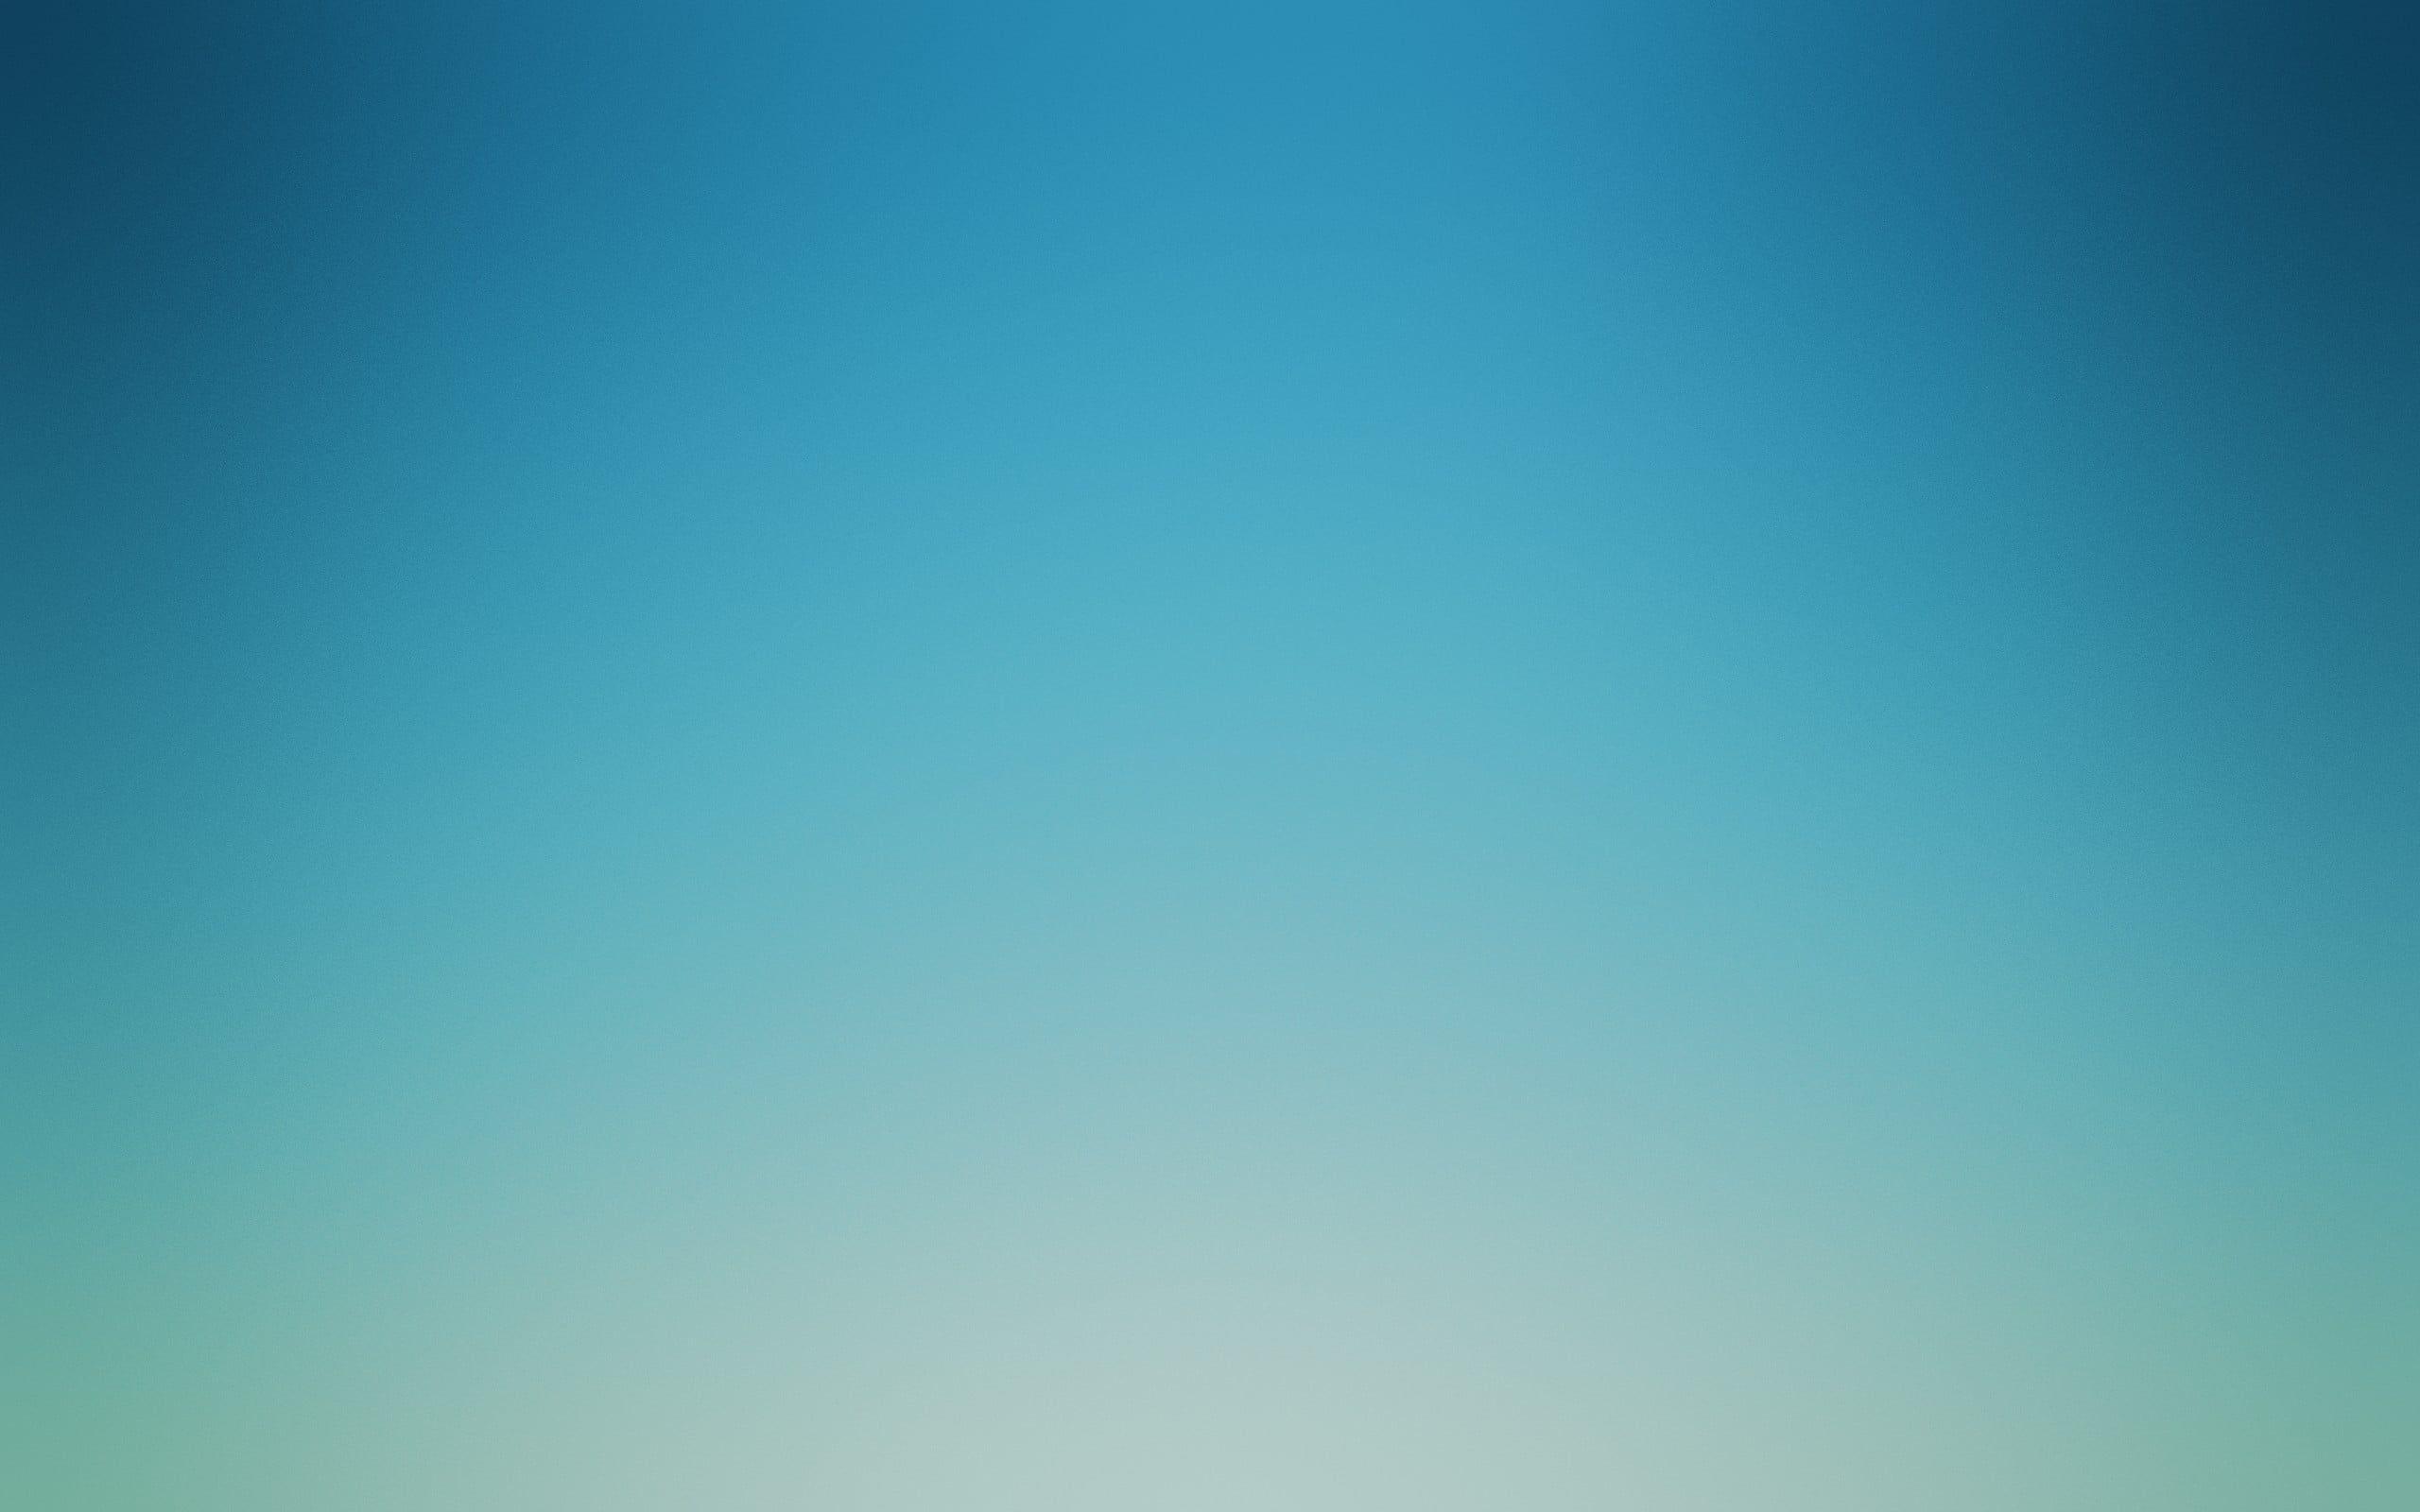 Blue Wallpaper Blurred Minimalism Gradient 2k Wallpaper Hdwallpaper Desktop Ombre Wallpaper Iphone Ombre Wallpapers Blue Wallpapers